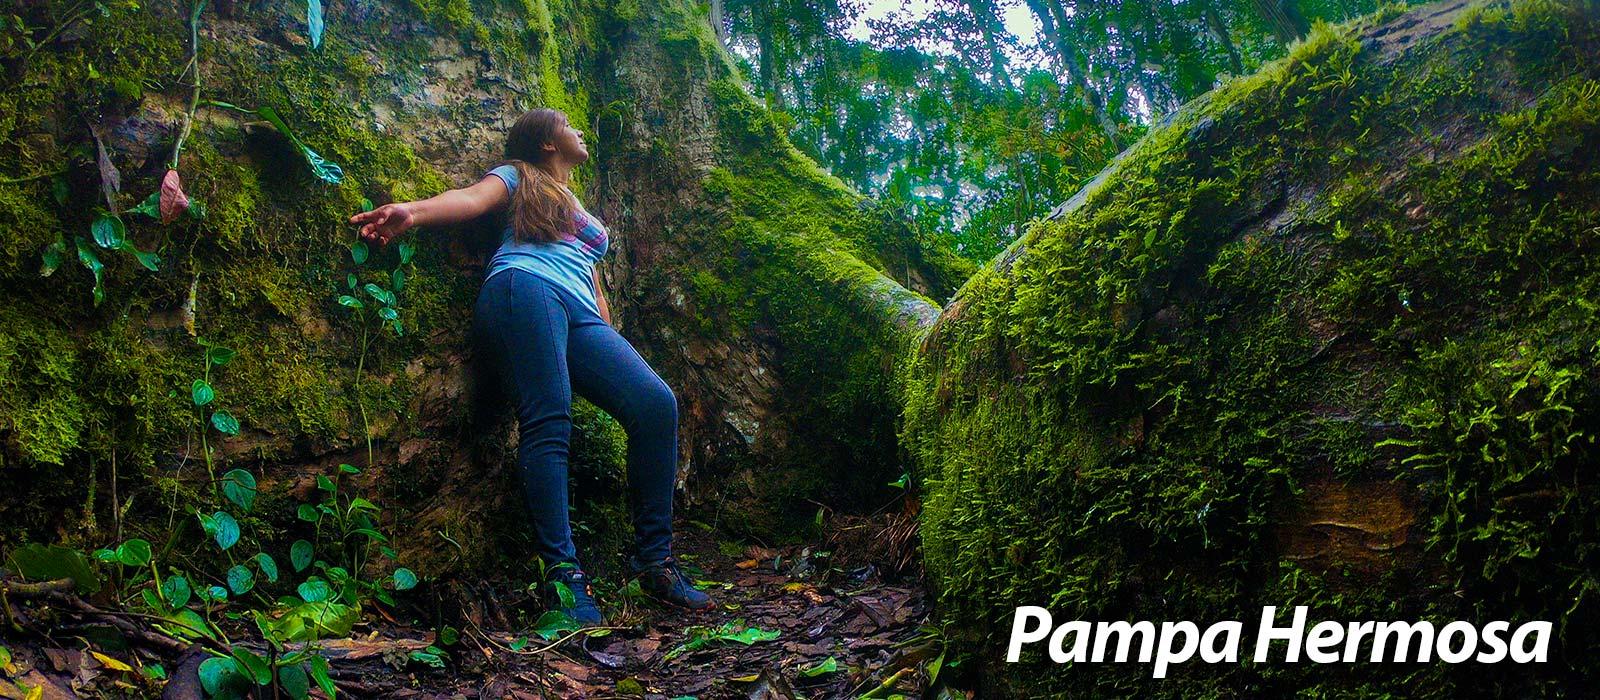 Pampa Hermosa